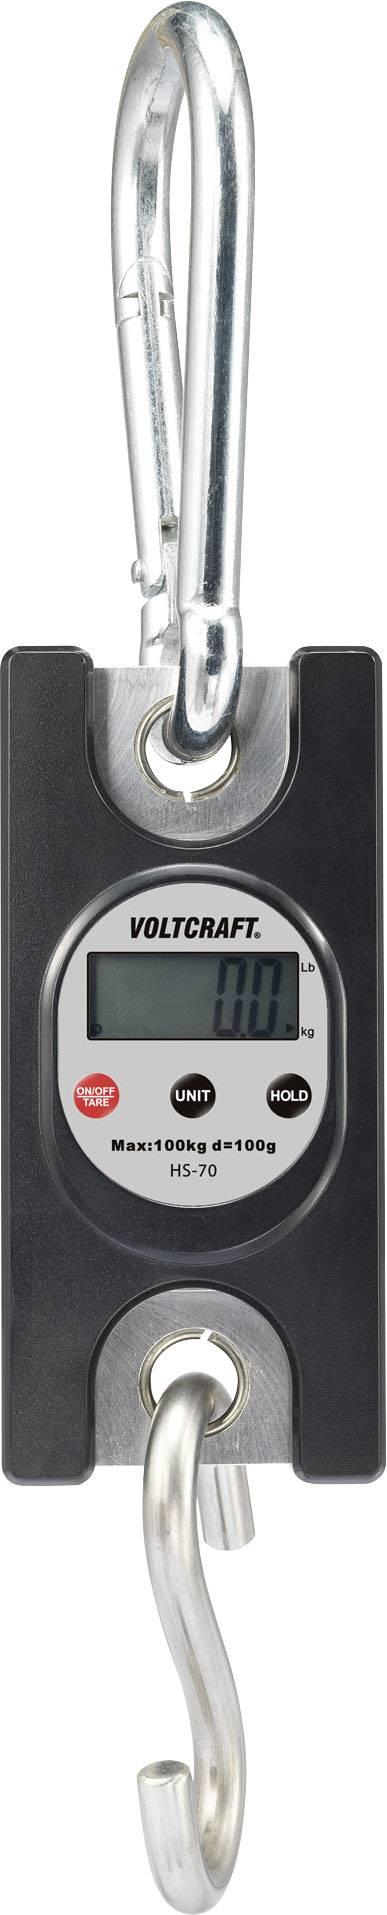 Závěsná váha Voltcraft HS-70, max. 100 kg